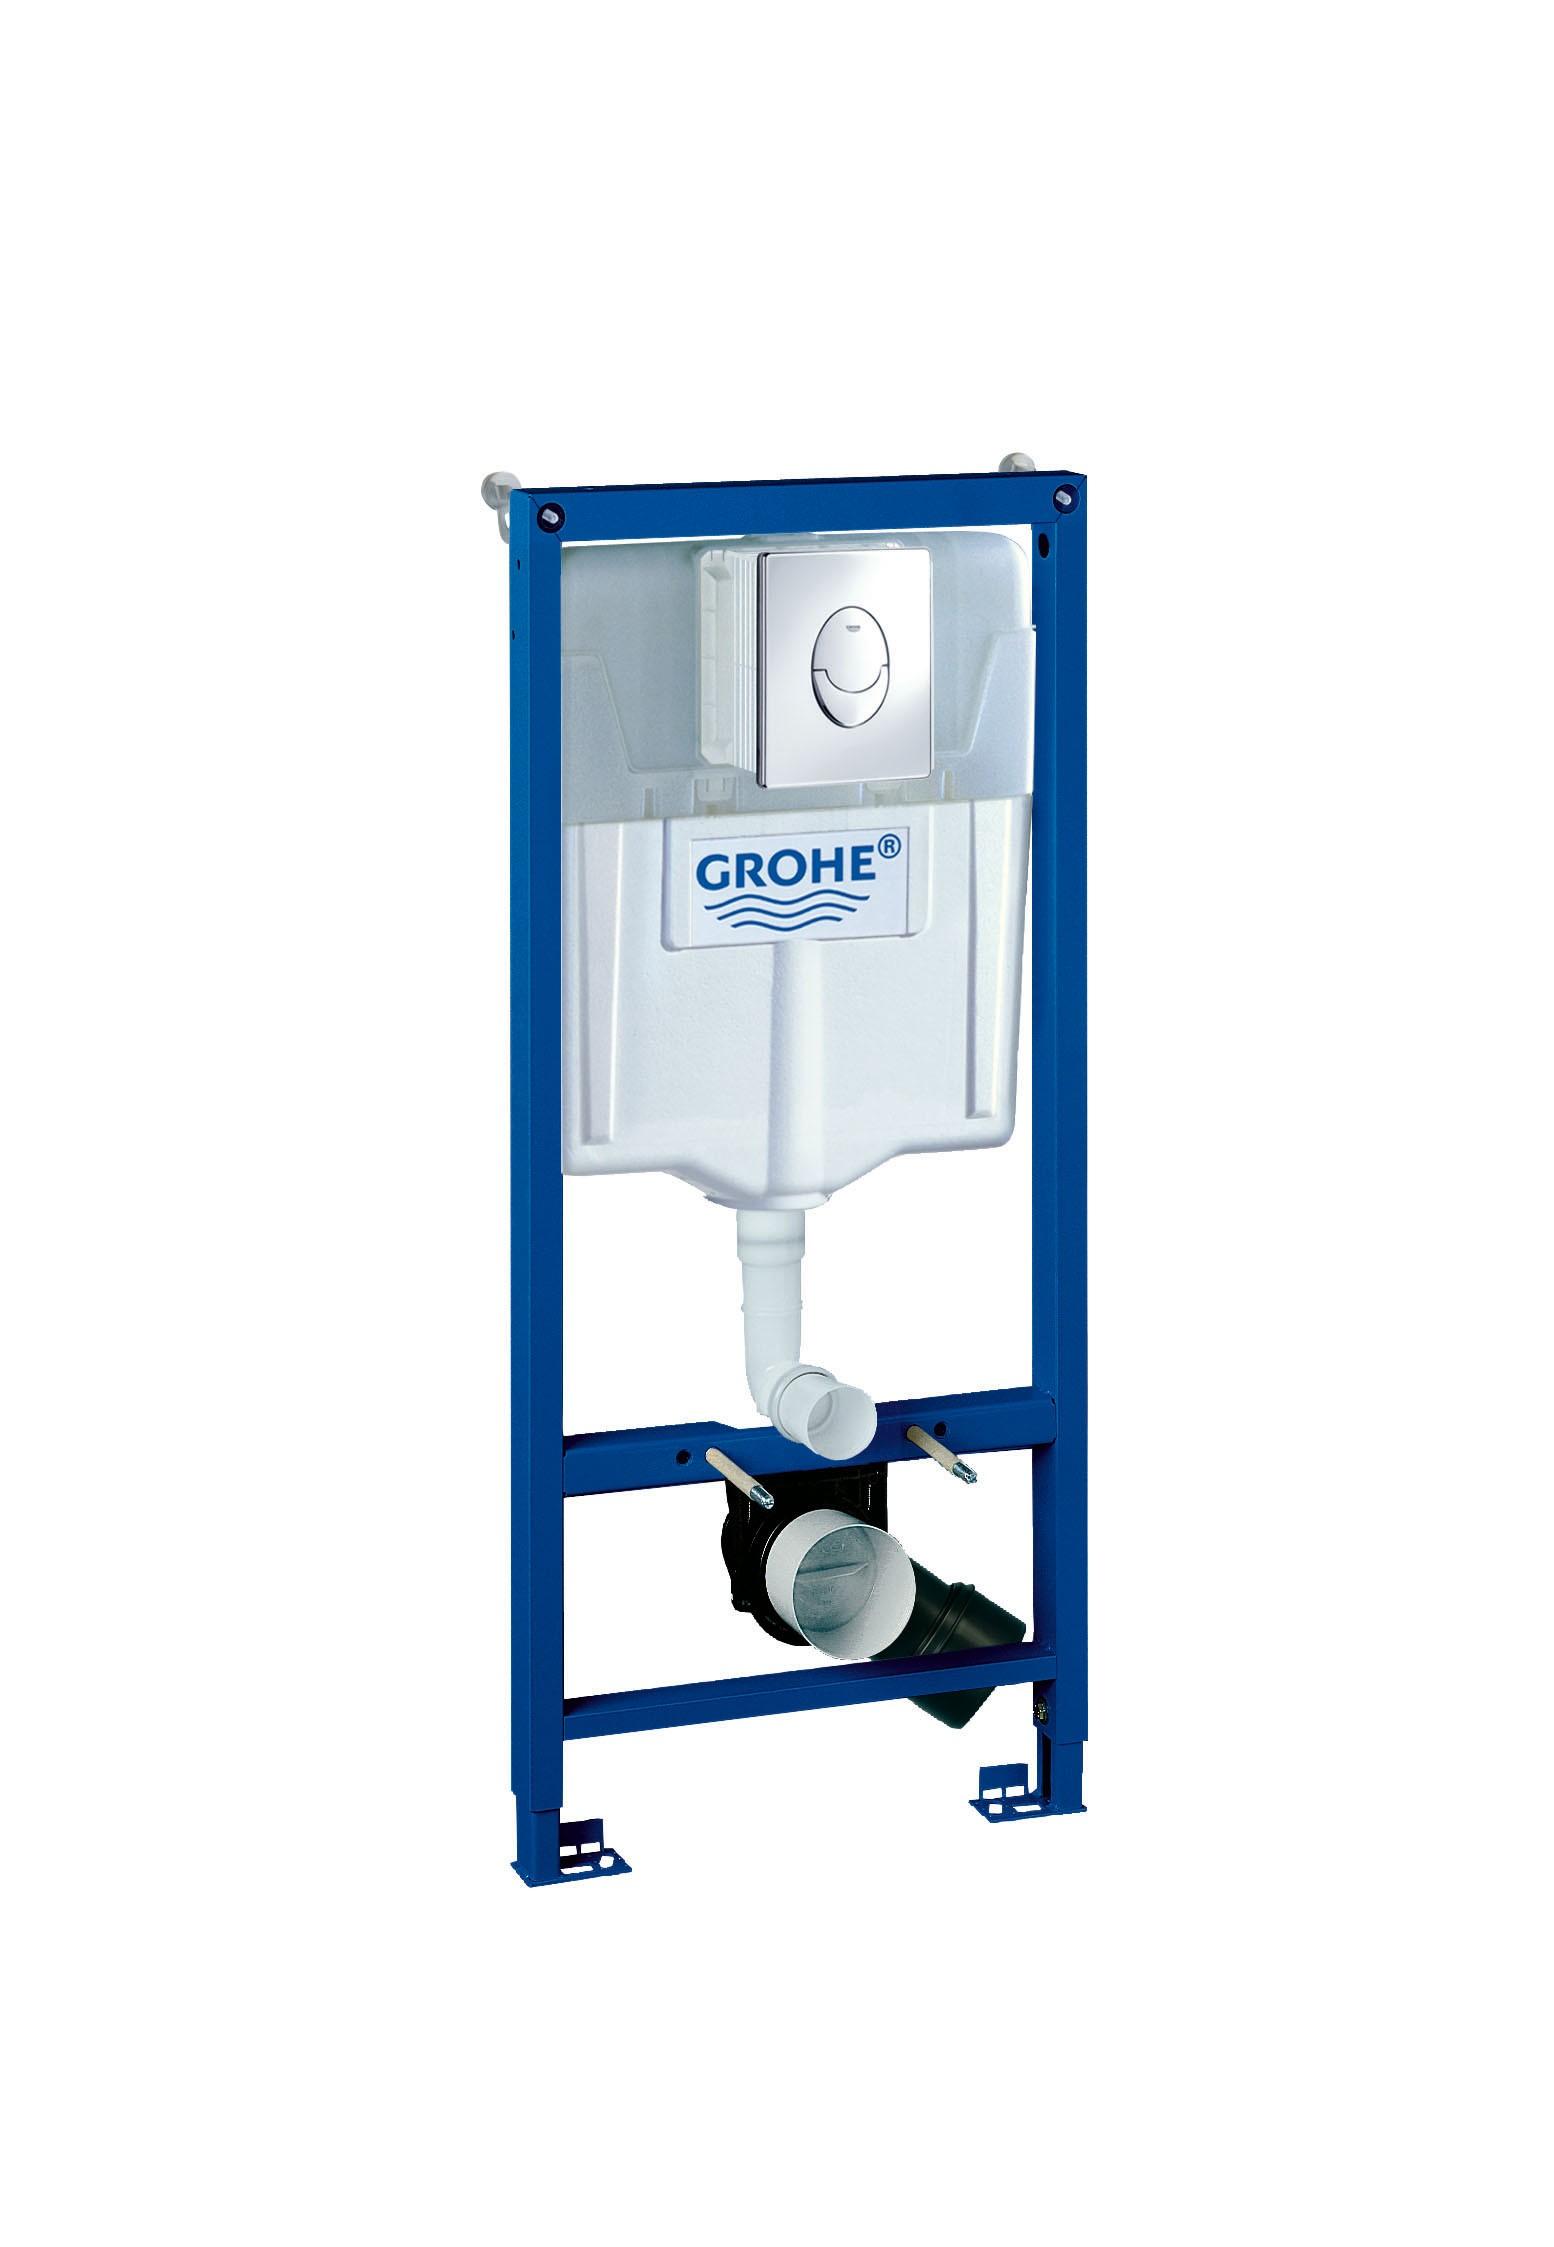 Система инсталляции для унитаза Grohe 38721001 Rapid SL с панелью смыва Skate Air (3 режима), комплект 3-в-1 (1,13 м) (38721001)